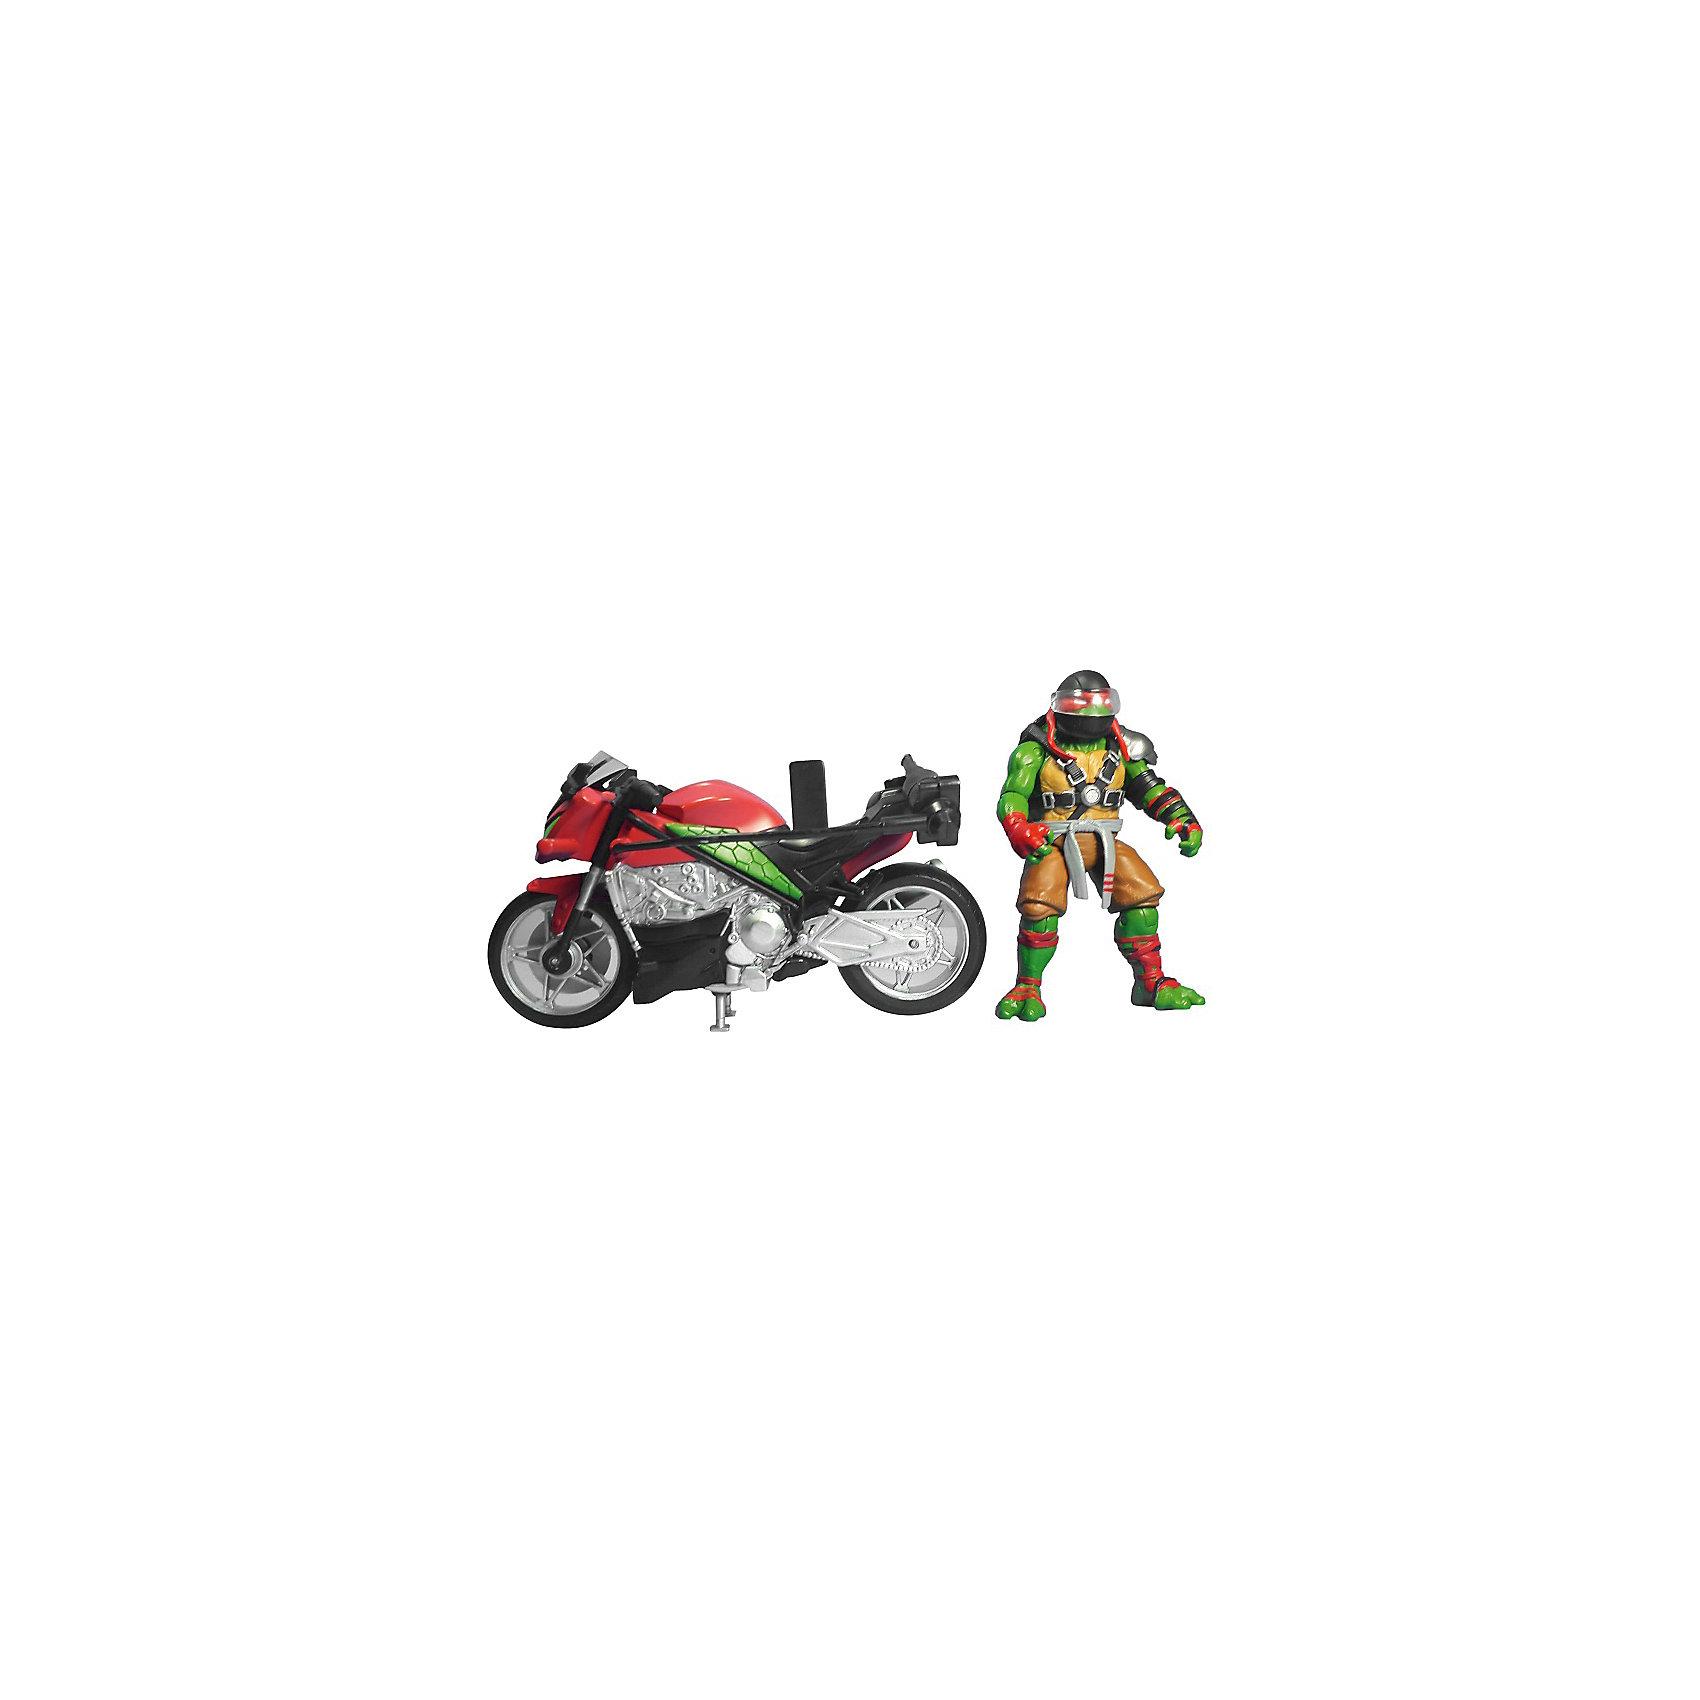 Мотоцикл с фигуркой Рафа, Черепашки НиндзяИгровые наборы<br>Мотоцикл с фигуркой Рафа, Черепашки Ниндзя, Movie Line, станет отличным подарком для всех юных поклонников популярного мультсериала Черепашки Ниндзя. Отважные черепашки-мутанты, владеющие боевыми искусствами, переживают невероятные приключения, спасая мир от злодеев. В комплекте Вы найдете мотоцикл, фигурку Рафа и его оружие. Суперскоростной мотоцикл выполнен с высокой степенью детализации и обладает секретом - при нажатии на кнопку фигурка Рафа совершает кувырок в воздухе. Рафаэль - самый агрессивный и решительный из братьев черепашек, он всегда предпочитает действовать. Фигурка Рафа раскрашена в соответствии с экранным образом героя, руки и ноги подвижные, в кисти рук можно вложить оружие - два кинжала саи. <br><br>Дополнительная информация:<br><br>- В комплекте: мотоцикл, фигурка Рафа, оружие.<br>- Материал: пластик.<br>- Высота фигурки: 11 см.<br>- Размер упаковки: 32,5 x 19,4 x 10,5 см.  <br>- Вес: 0,638 кг. <br><br>Мотоцикл с фигуркой Рафа, Черепашки Ниндзя, Movie Line, можно купить в нашем интернет-магазине.<br><br>Ширина мм: 325<br>Глубина мм: 194<br>Высота мм: 105<br>Вес г: 638<br>Возраст от месяцев: 36<br>Возраст до месяцев: 144<br>Пол: Мужской<br>Возраст: Детский<br>SKU: 4657957